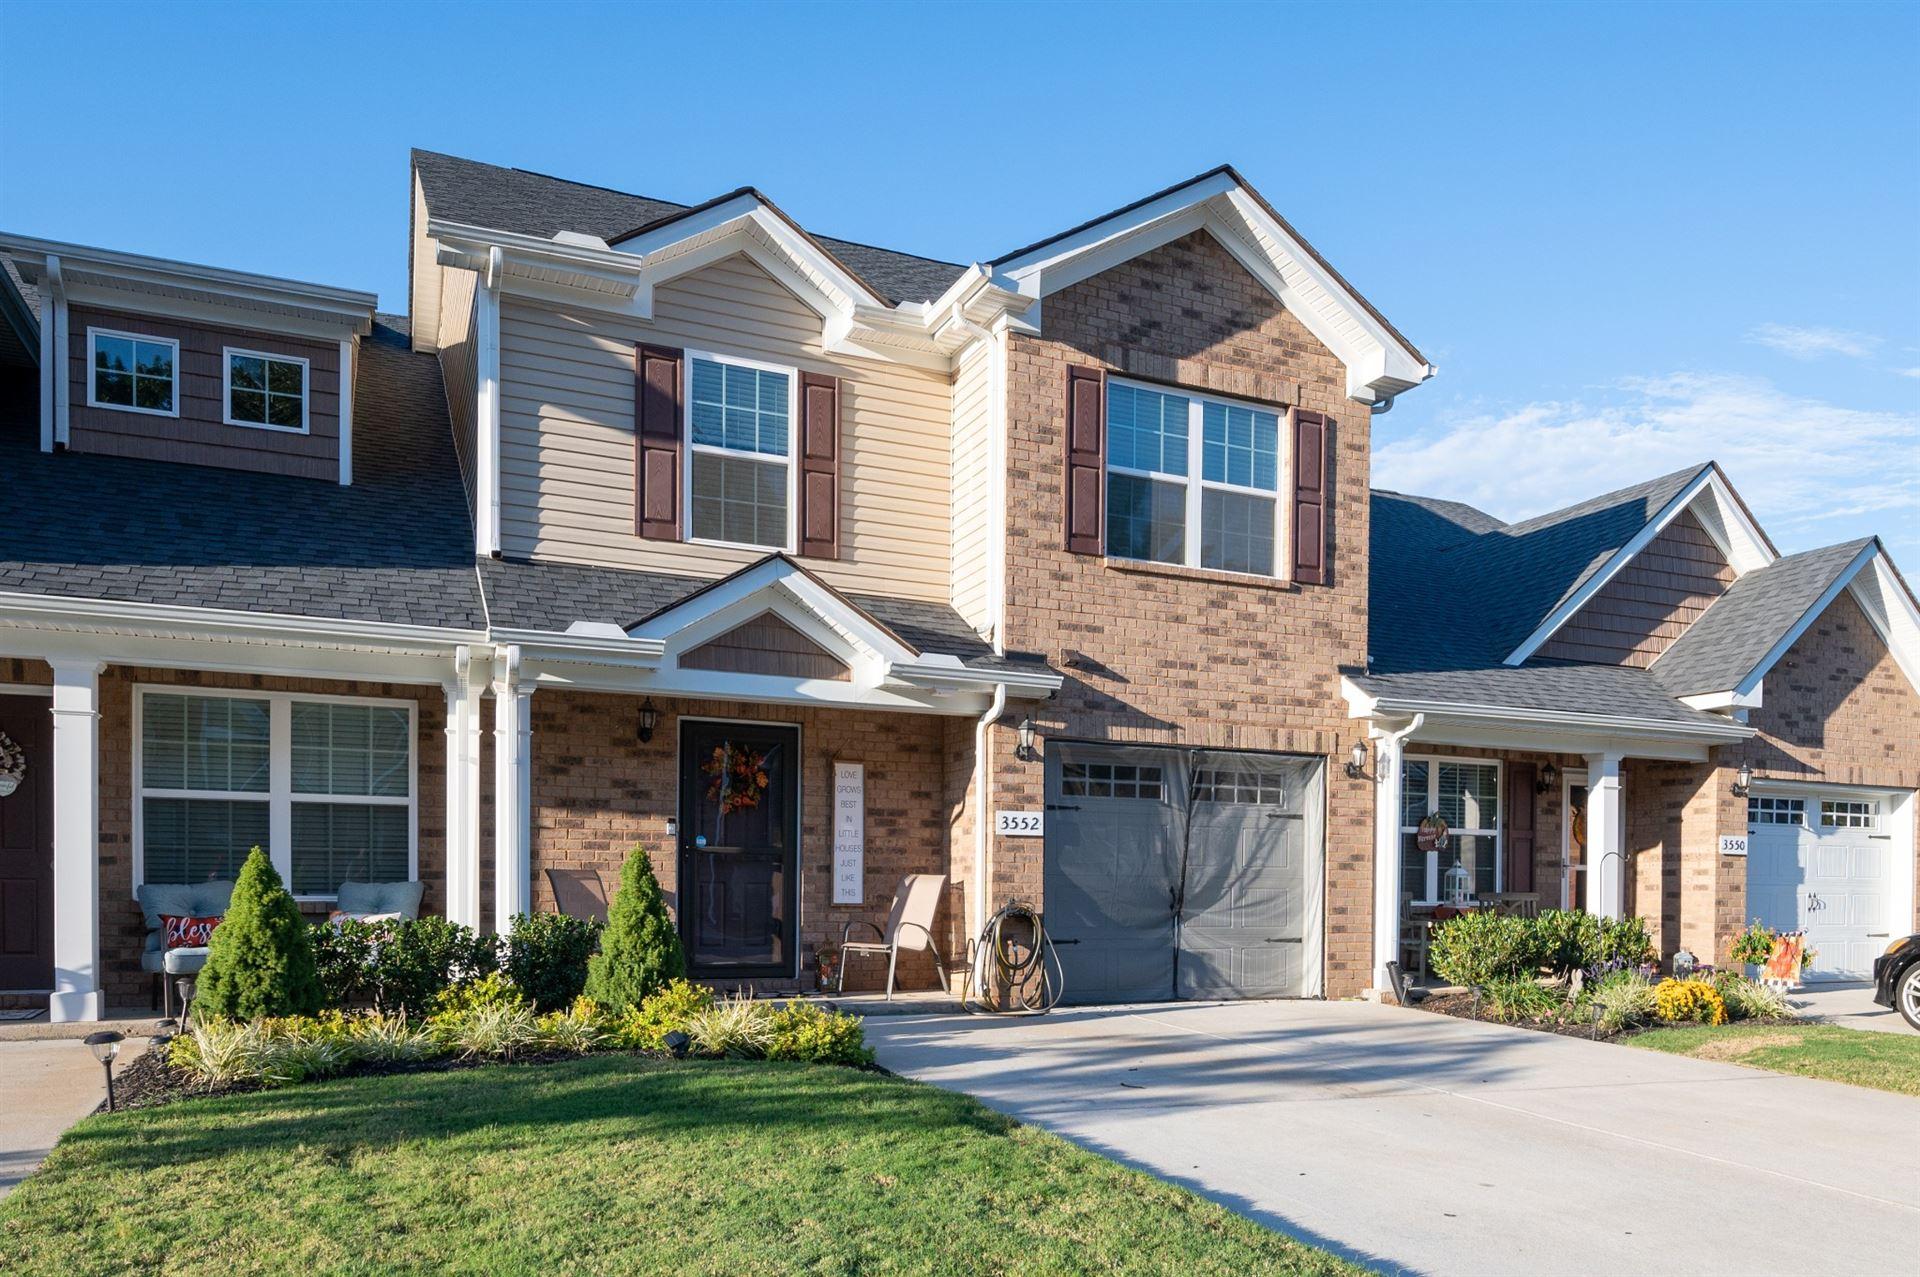 3552 Nightshade Dr, Murfreesboro, TN 37128 - MLS#: 2299883